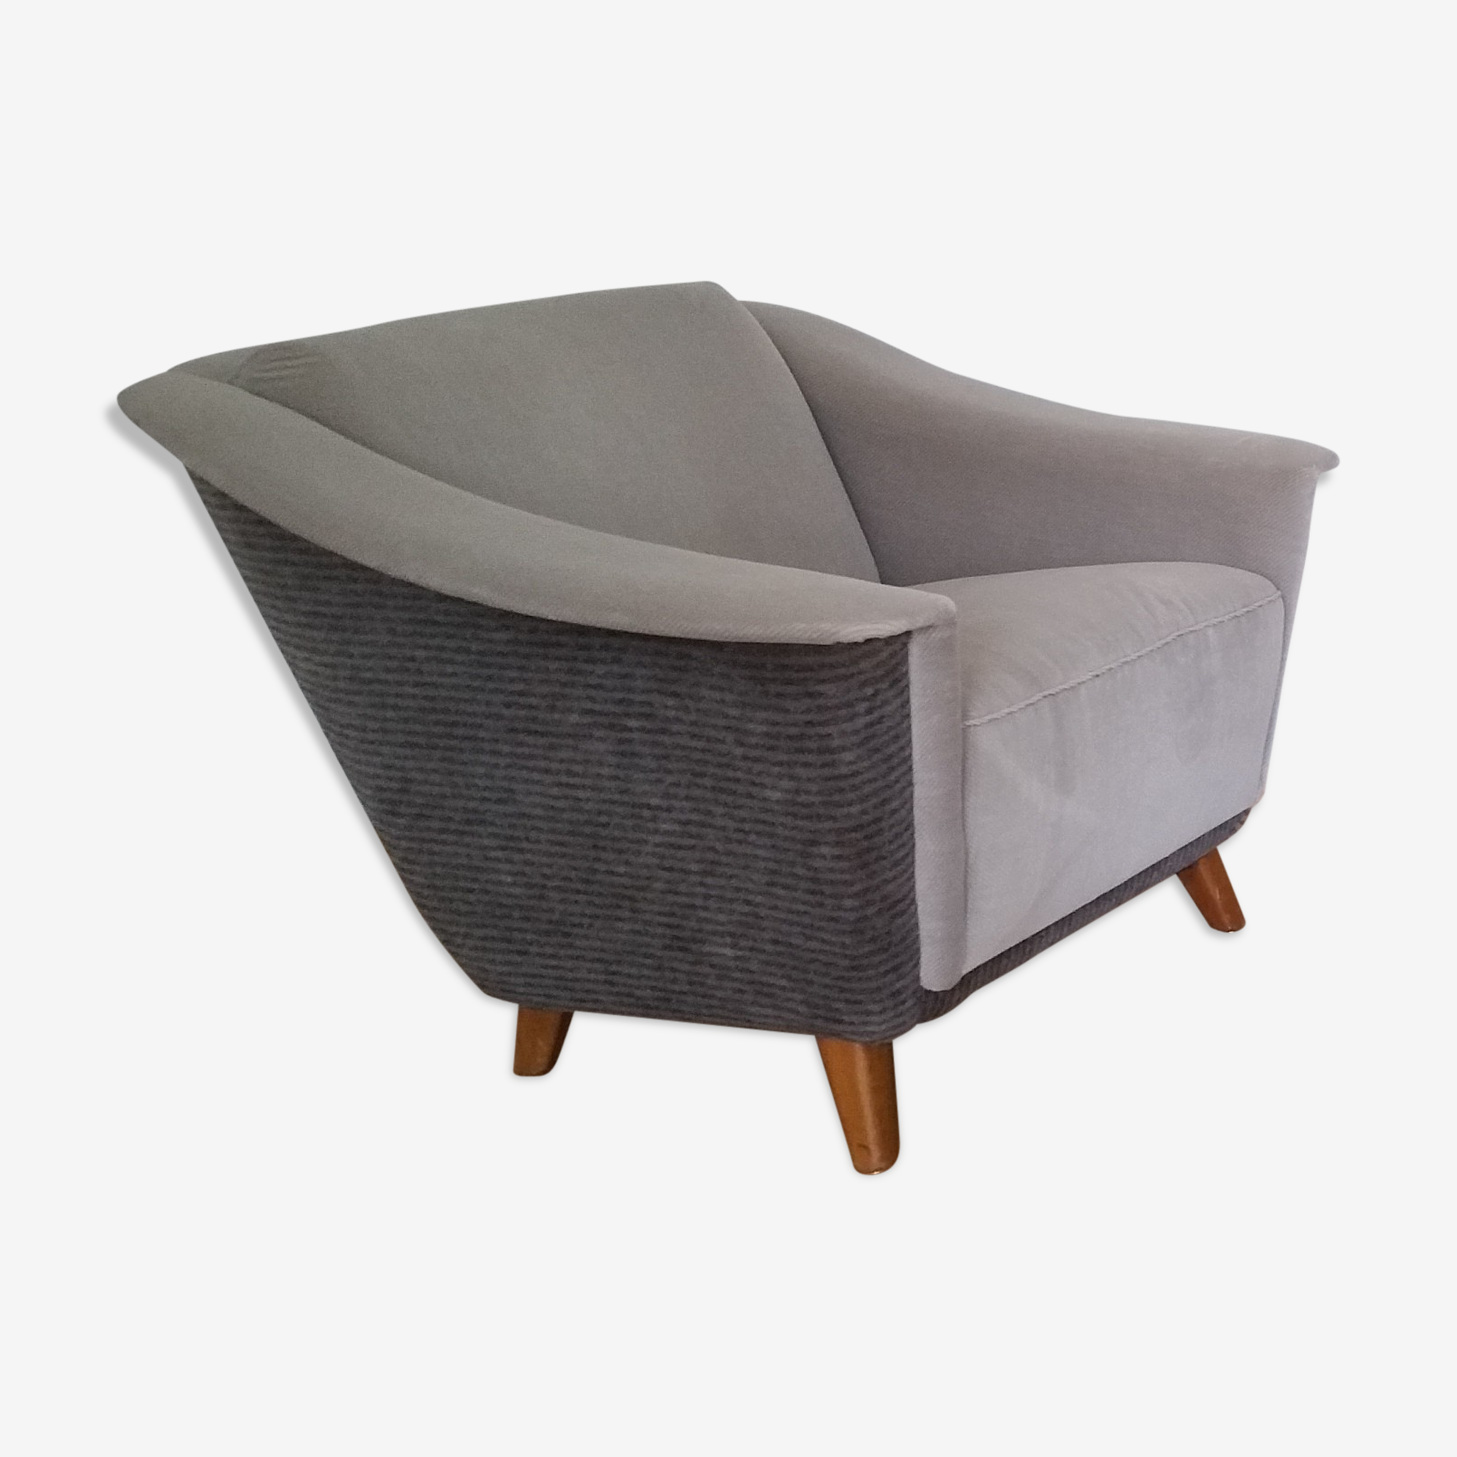 Fauteuil années 40 50 design scandinave